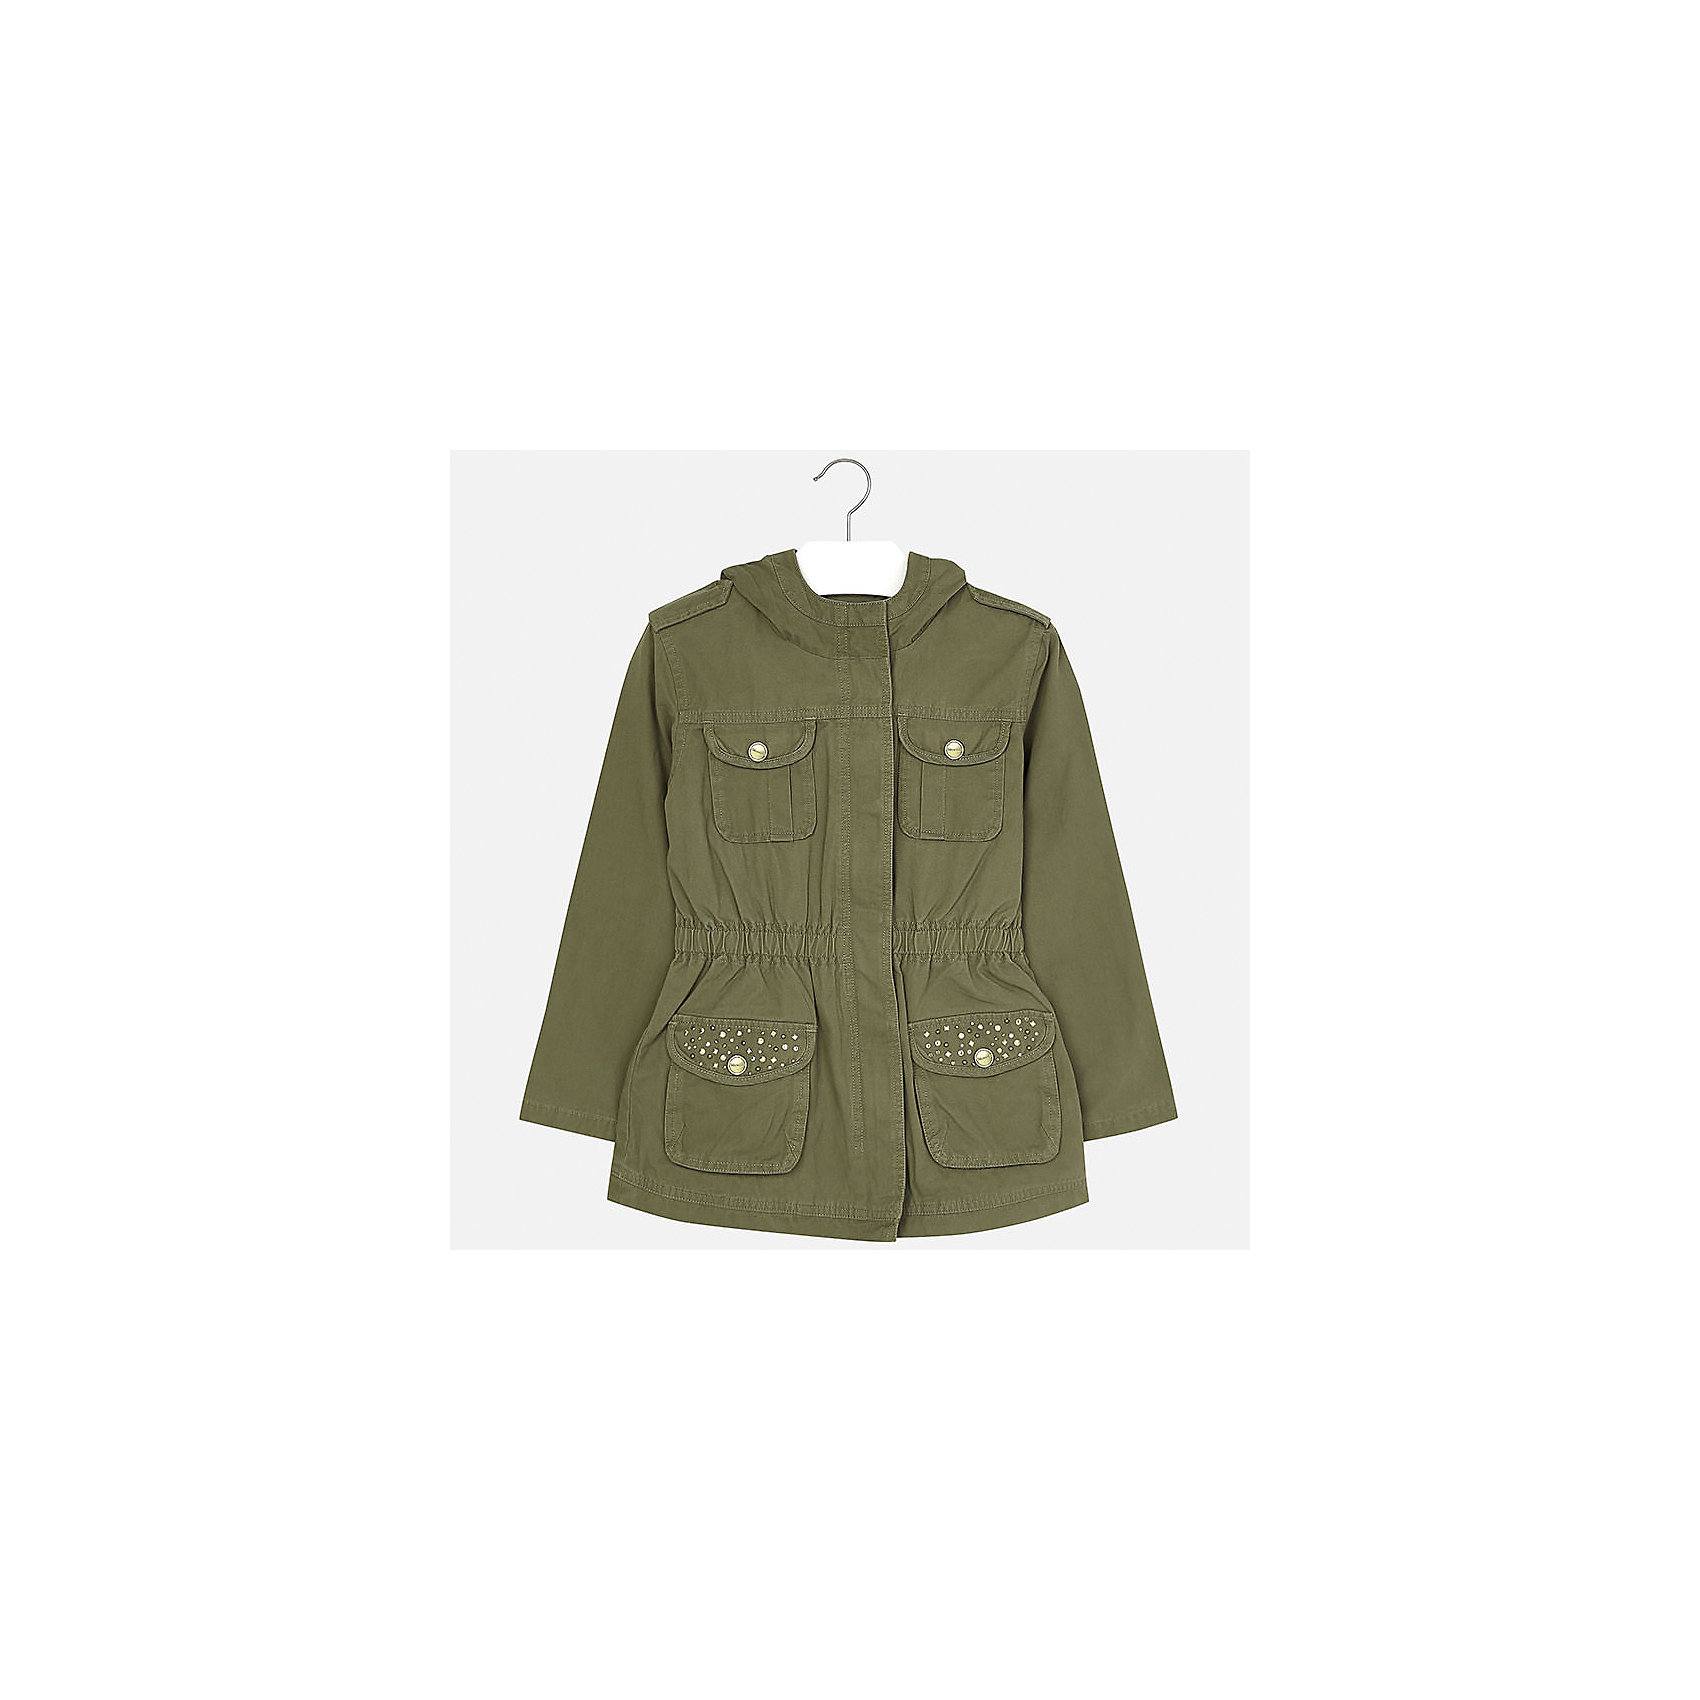 Куртка для девочки MayoralВерхняя одежда<br>Характеристики товара:<br><br>• цвет: хаки<br>• состав: 100% хлопок, подкладка - 65% полиэстер, 35% хлопок<br>• молния<br>• карманы<br>• капюшон<br>• украшена стразами<br>• страна бренда: Испания<br><br>Очень стильная куртка для девочки поможет разнообразить гардероб ребенка и украсить наряд. Он отлично сочетается и с юбками, и с брюками. Универсальный цвет позволяет подобрать к вещи низ различных расцветок. Интересная отделка модели делает её нарядной и оригинальной.<br><br>Одежда, обувь и аксессуары от испанского бренда Mayoral полюбились детям и взрослым по всему миру. Модели этой марки - стильные и удобные. Для их производства используются только безопасные, качественные материалы и фурнитура. Порадуйте ребенка модными и красивыми вещами от Mayoral! <br><br>Куртку для девочки от испанского бренда Mayoral (Майорал) можно купить в нашем интернет-магазине.<br><br>Ширина мм: 356<br>Глубина мм: 10<br>Высота мм: 245<br>Вес г: 519<br>Цвет: зеленый<br>Возраст от месяцев: 84<br>Возраст до месяцев: 96<br>Пол: Женский<br>Возраст: Детский<br>Размер: 128/134,170,140,152,158,164<br>SKU: 5292891